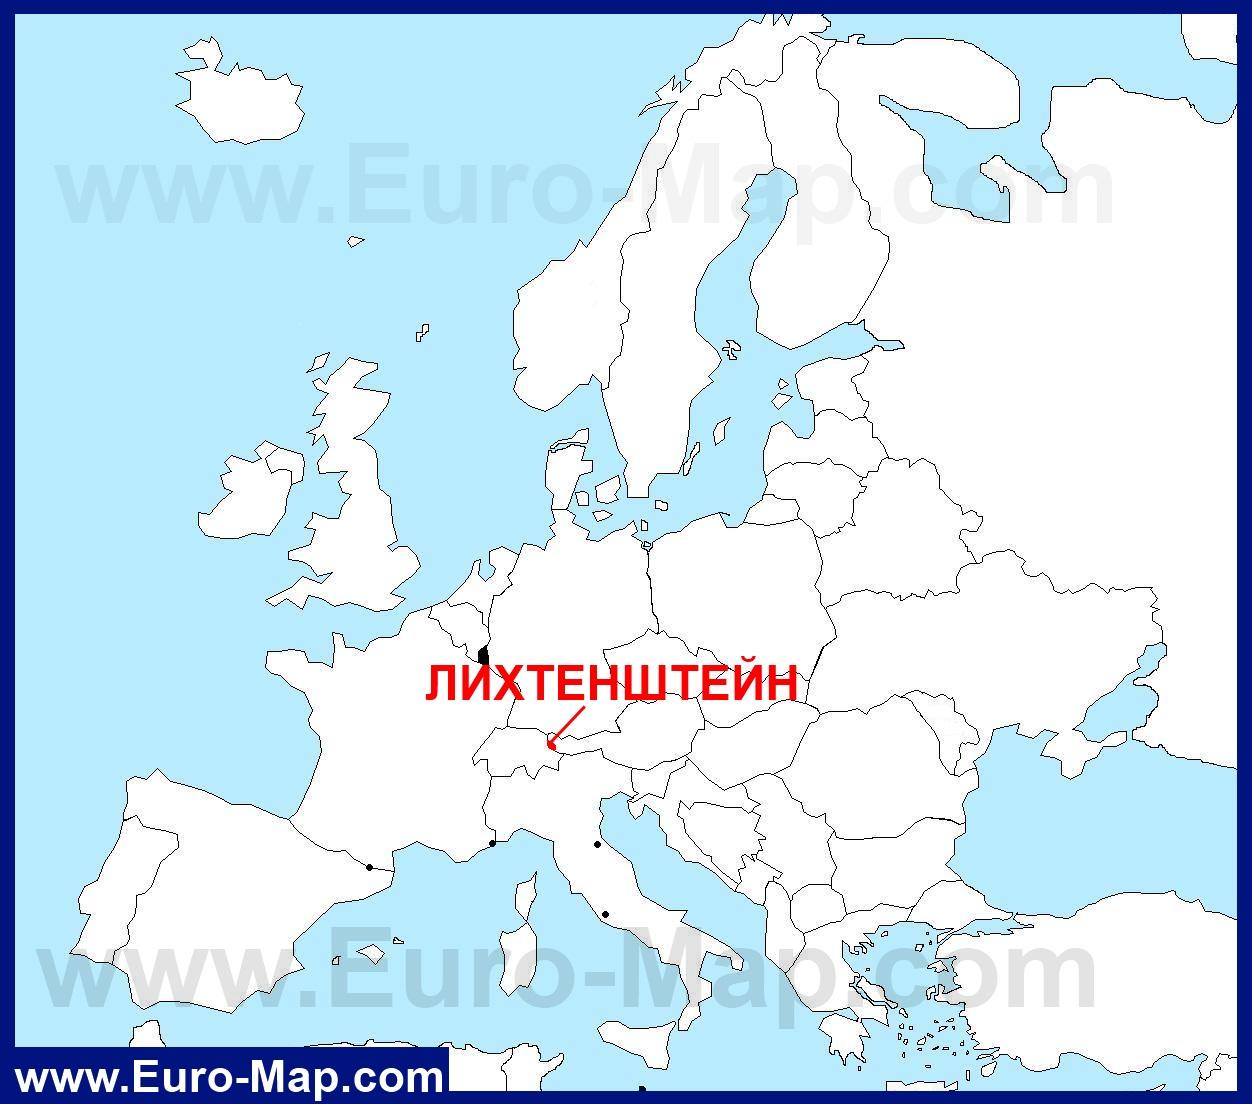 Картинки по запросу Лихтенштейн на карте